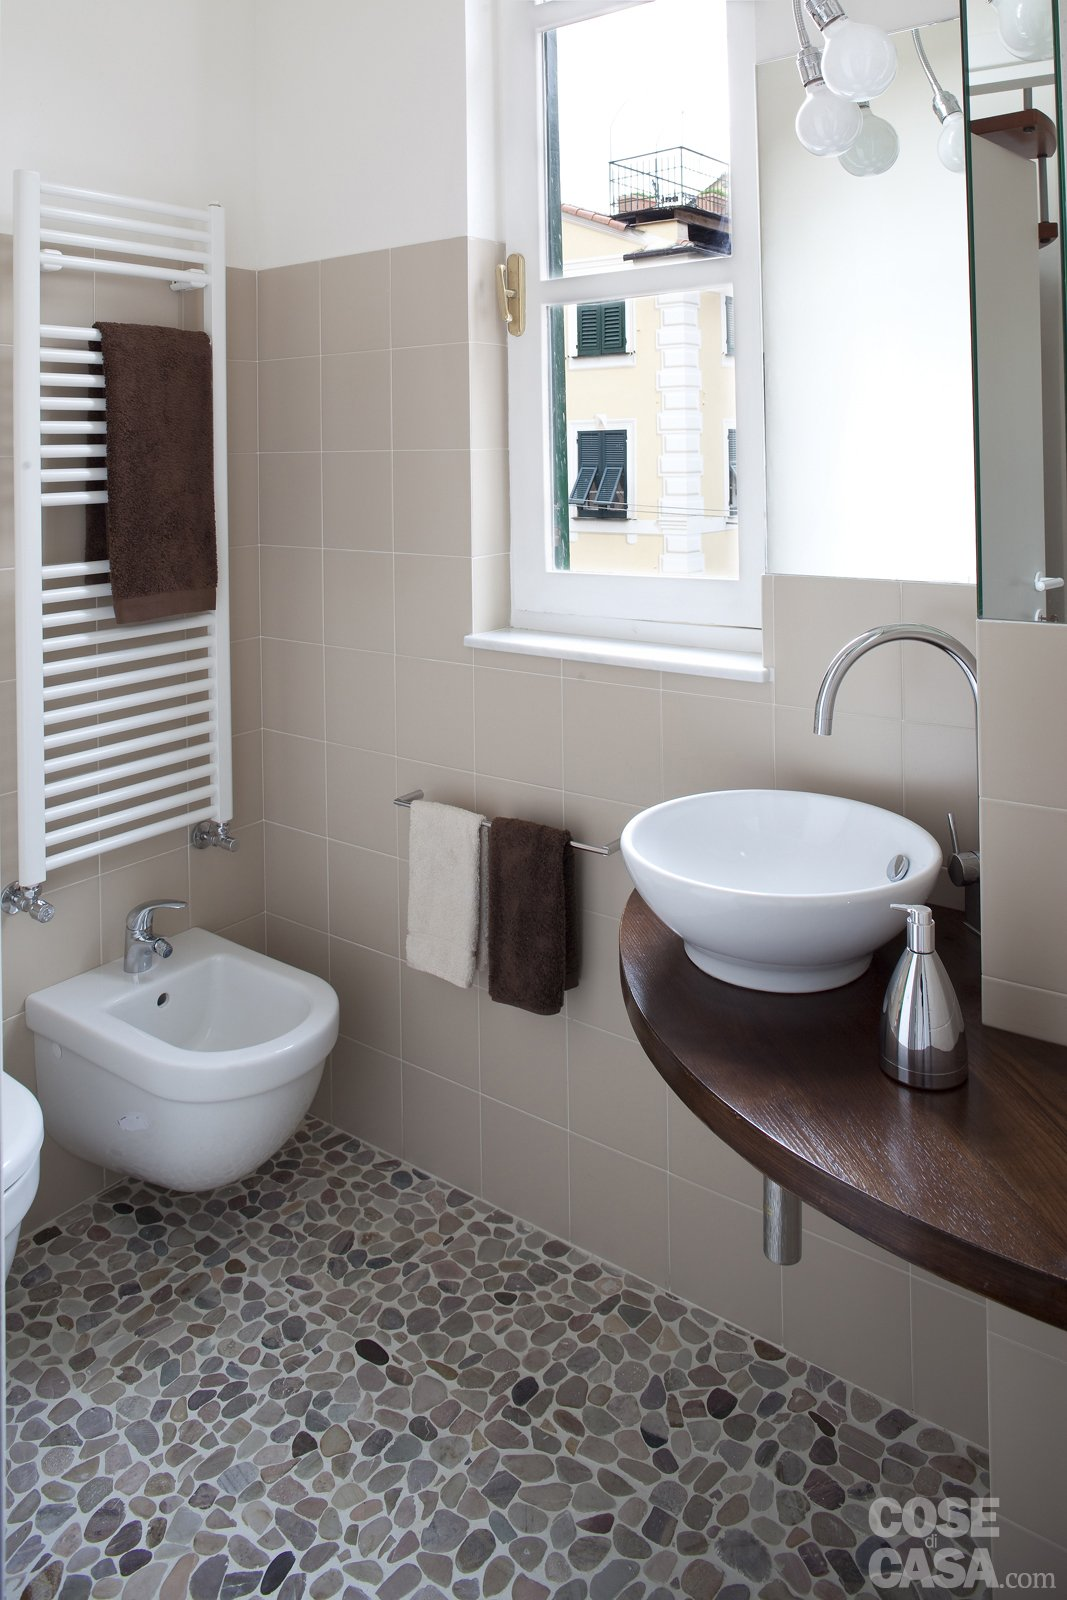 48 mq bilocale su due livelli cose di casa - Mosaicos para banos modernos ...